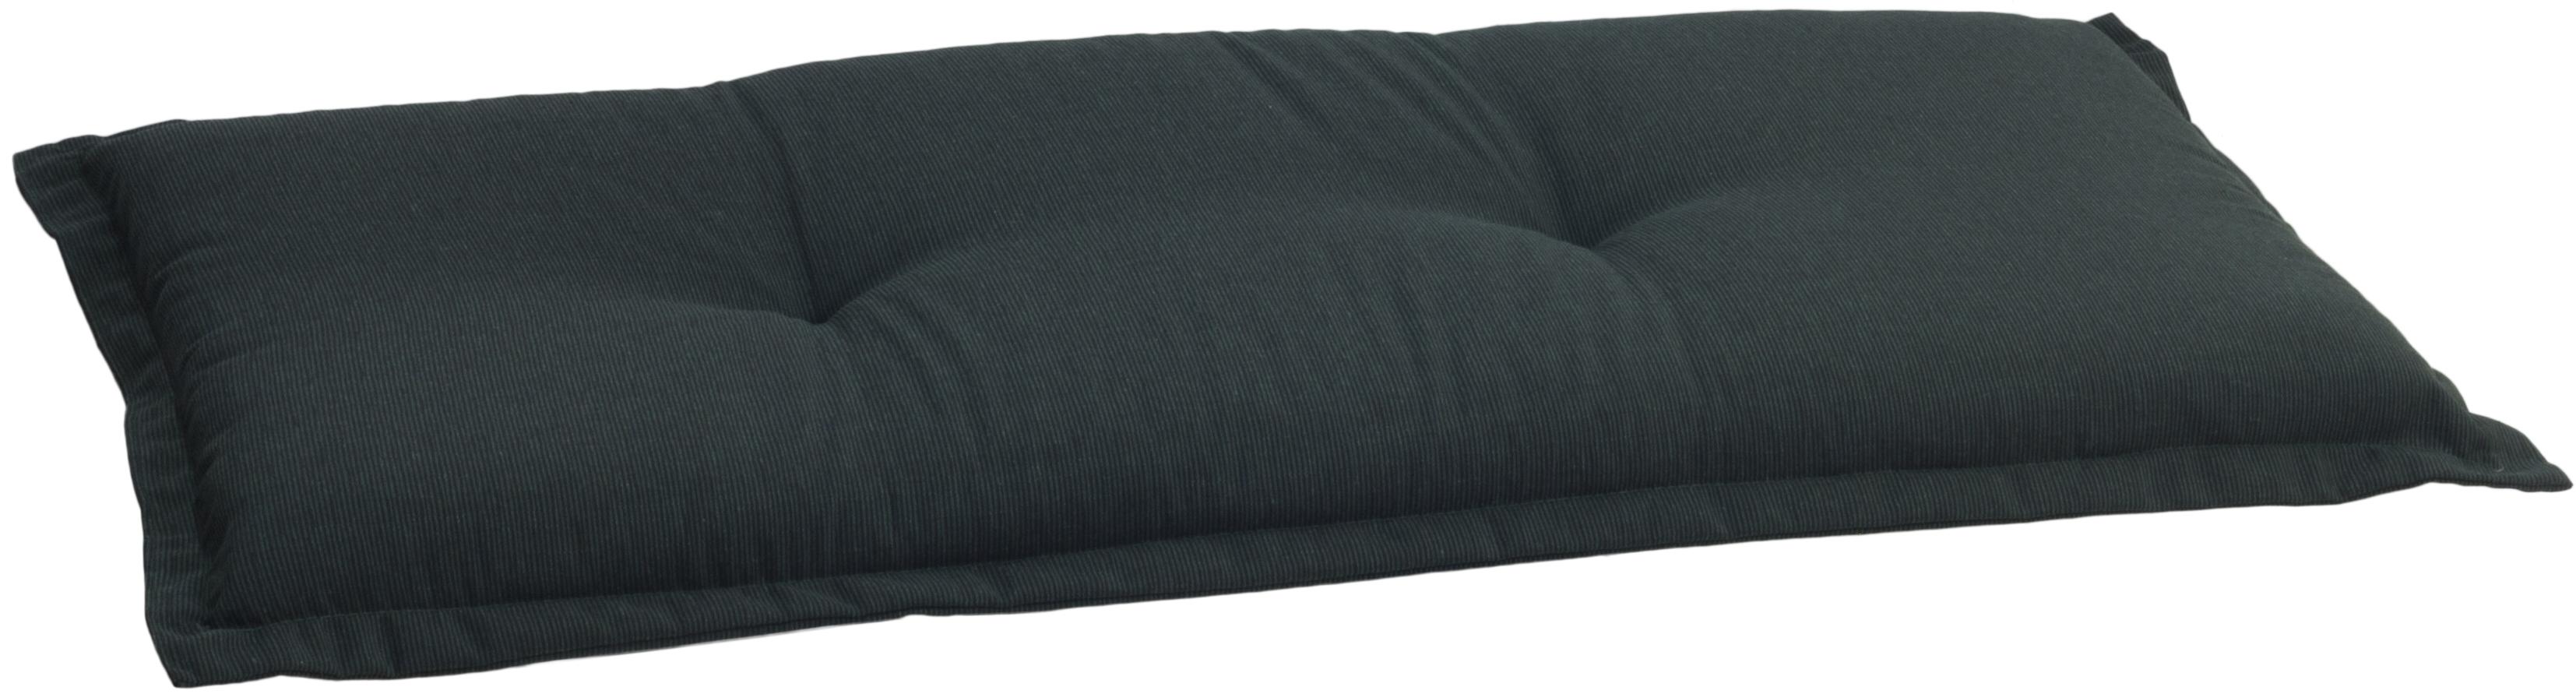 Gartenbankkissen für 3-Sitzer dunkelgrün von beo ca. 145 x 45 cm ca.7 cm Dick